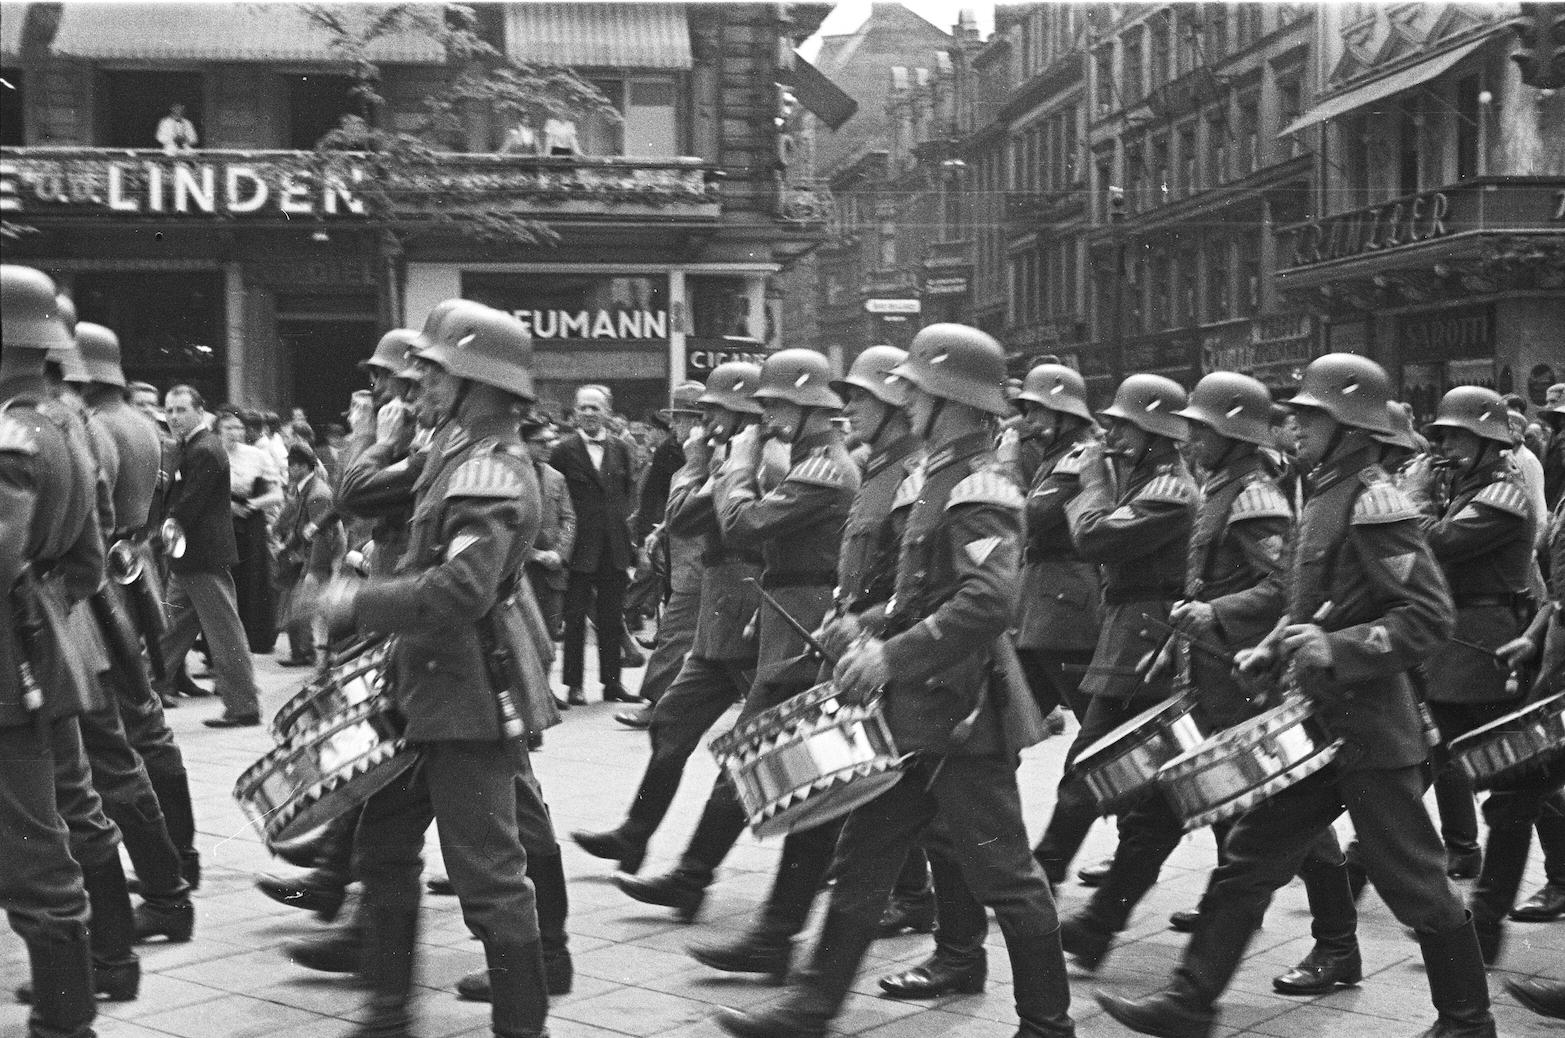 Berlin, Foto - Jewgeni Henkin (Erste Hälfte der 1930er Jahre)